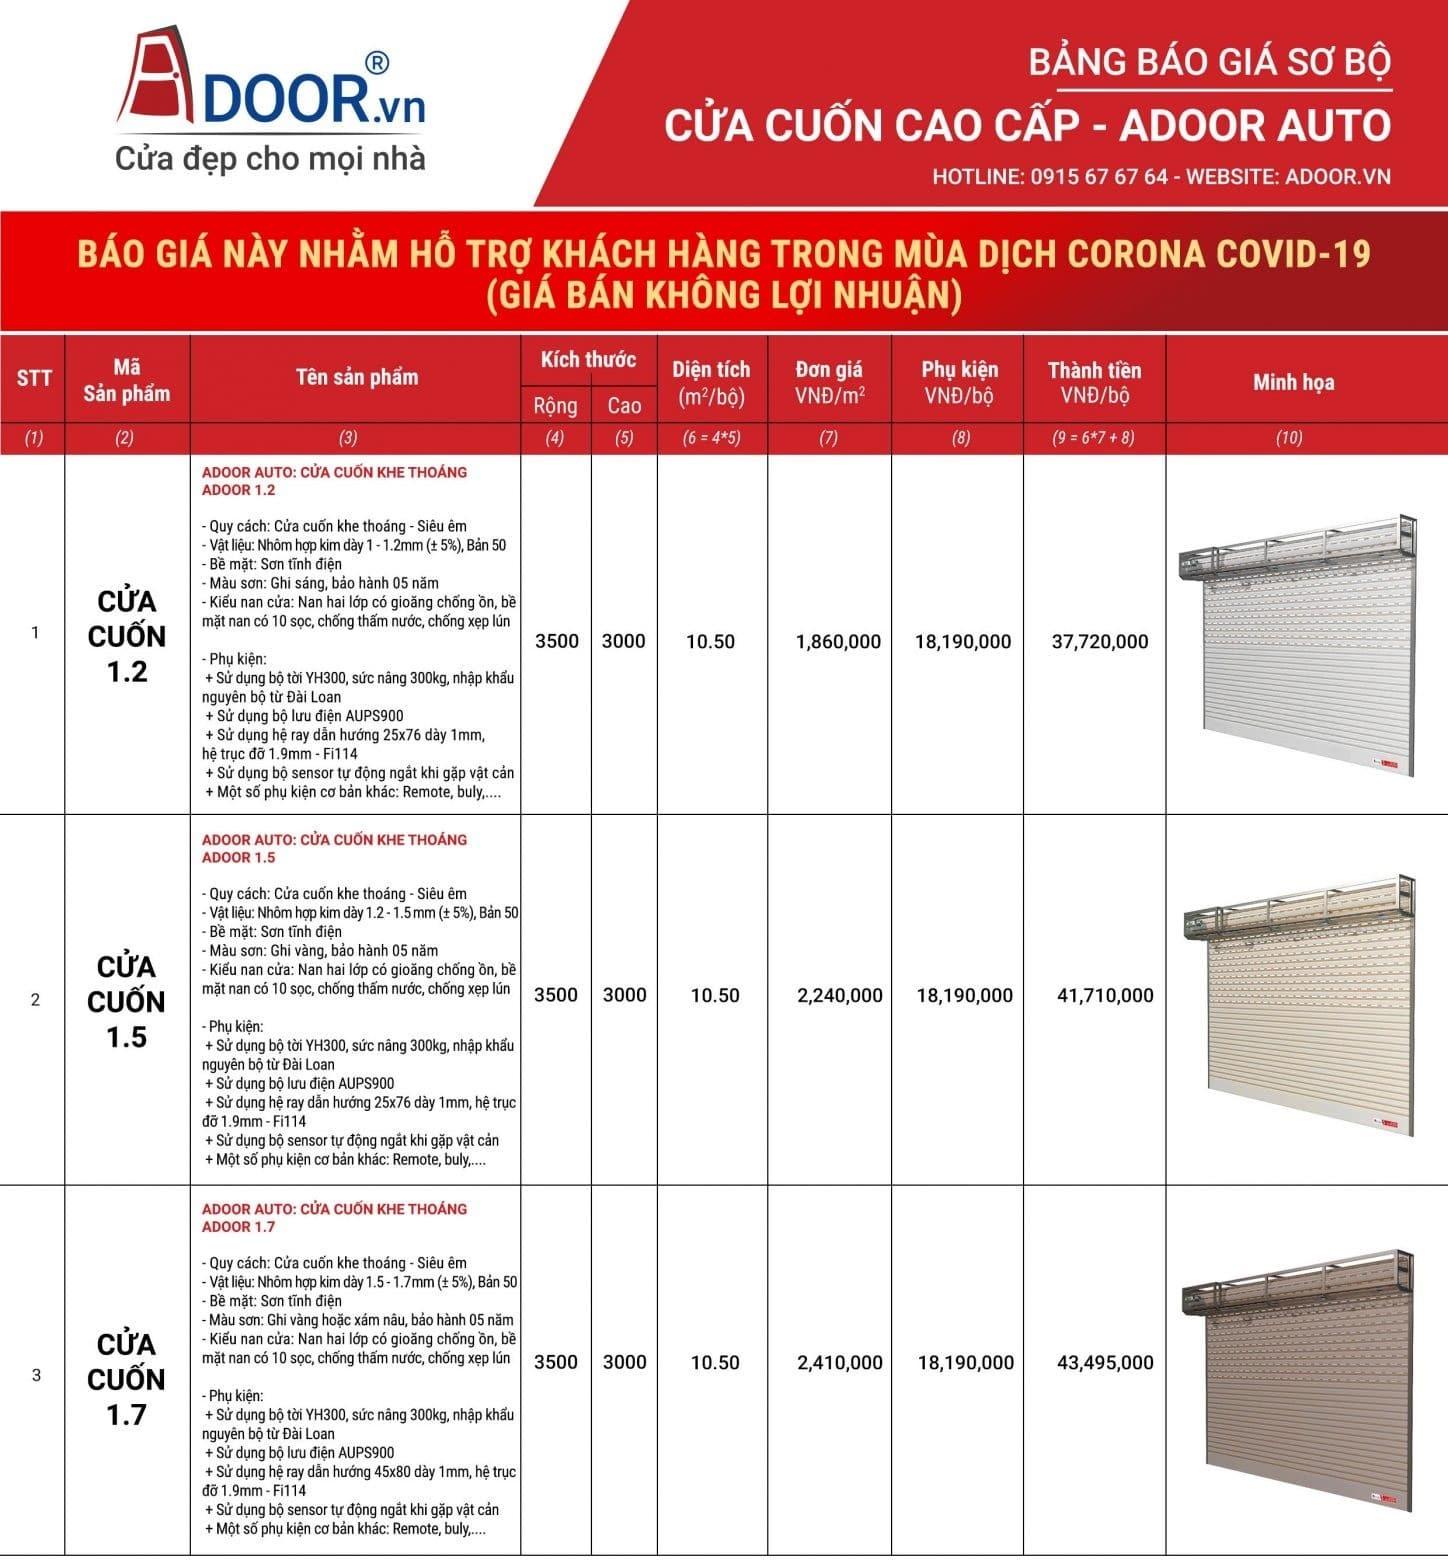 Giá tốt của cửa cuốn khe thoáng tại Adoor